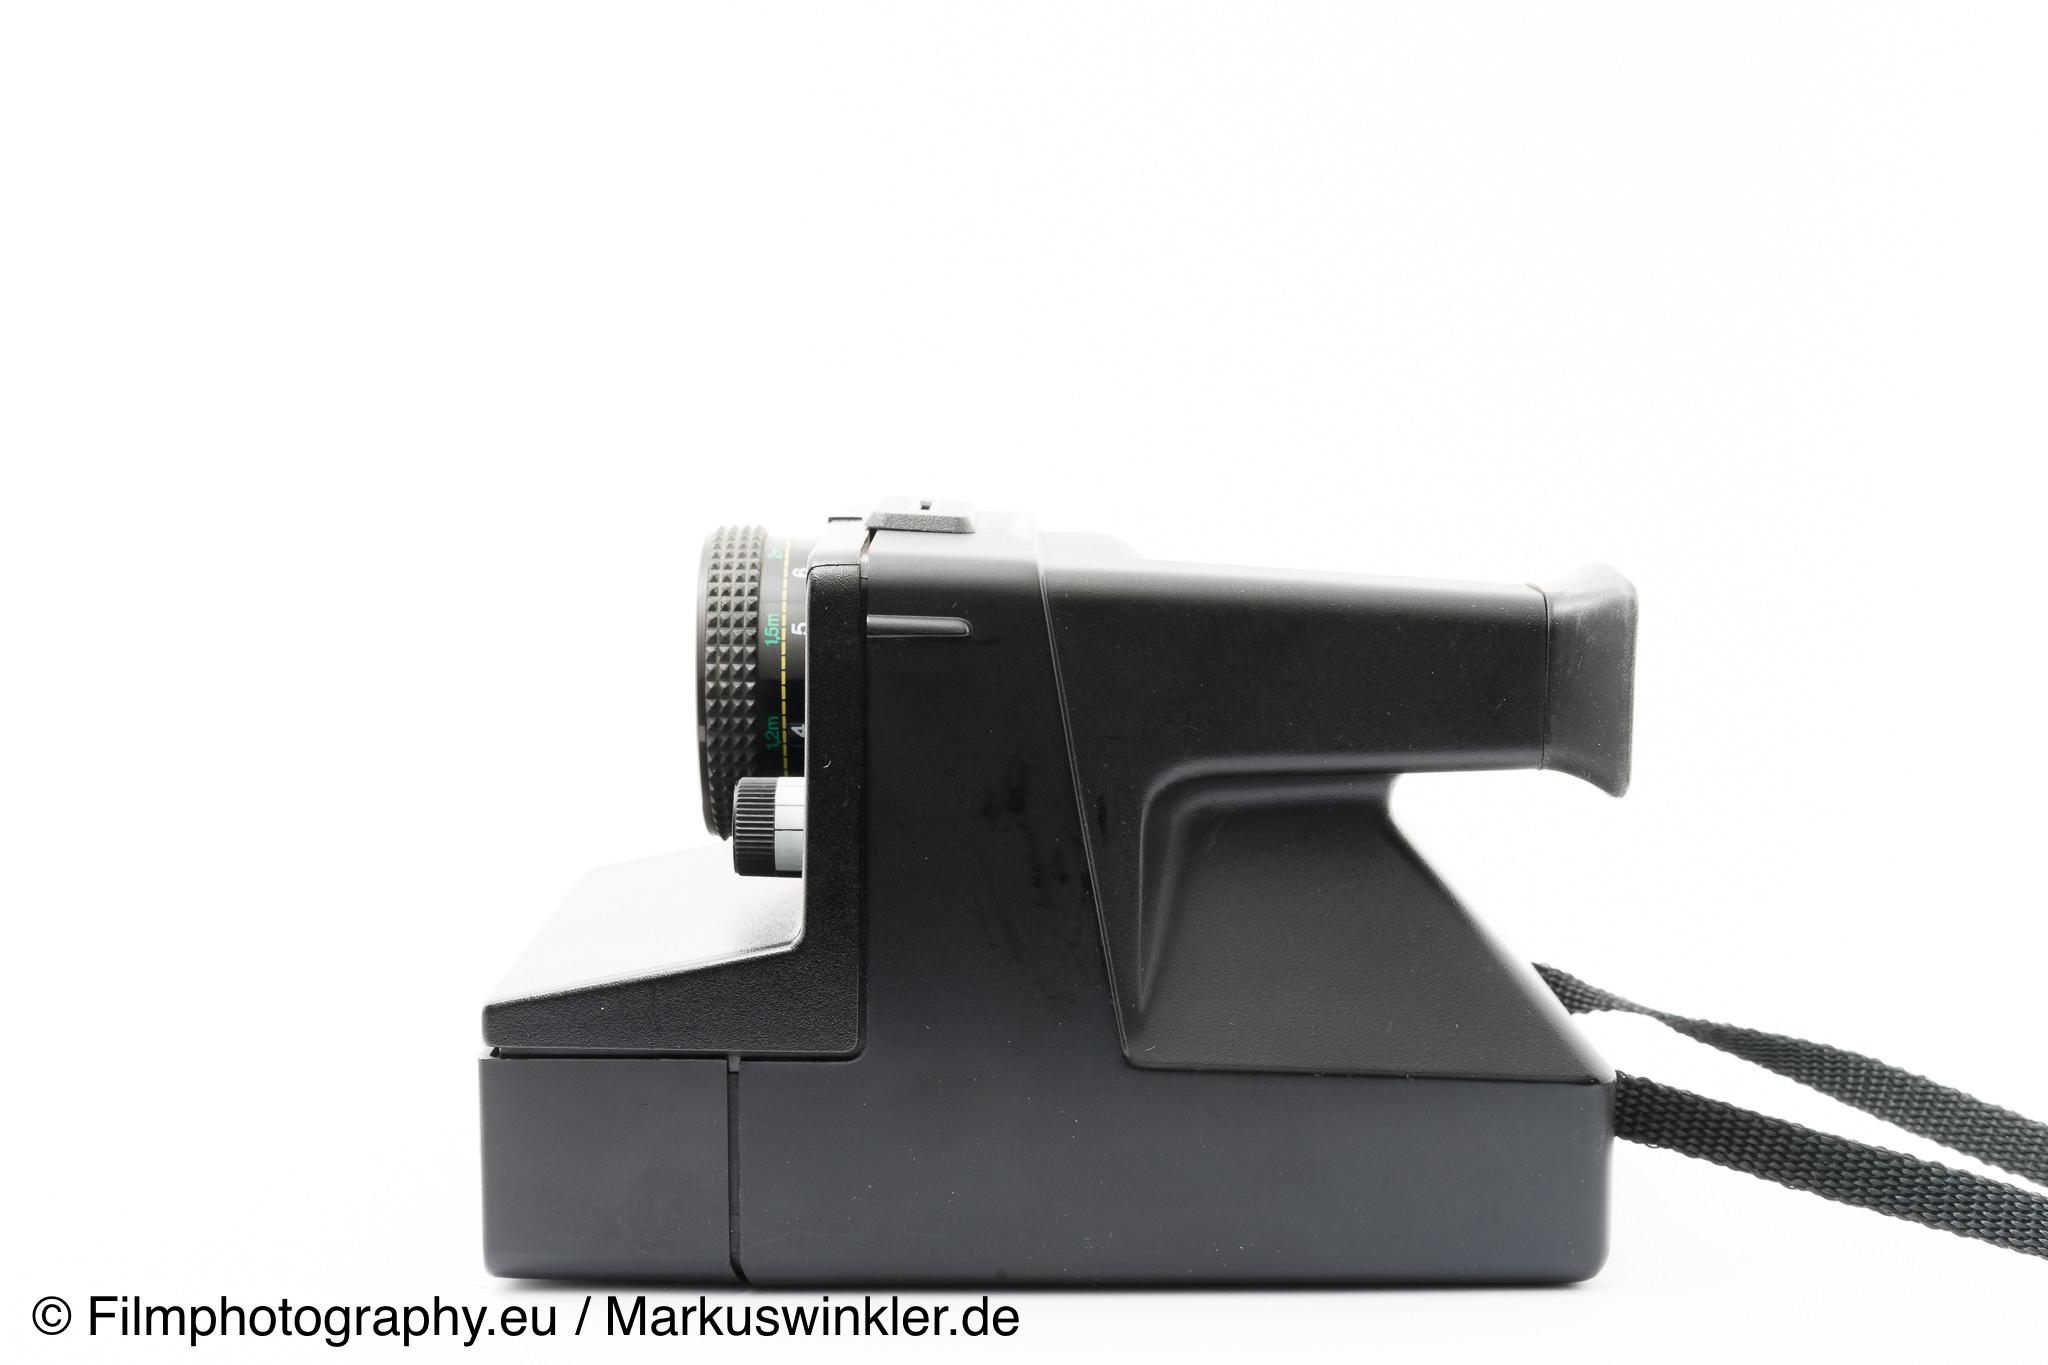 Foto & Camcorder Polaroid Land Camera 2000 Sofortbildkamera Instant Camera M Rotem Auslöseknopf Fein Verarbeitet